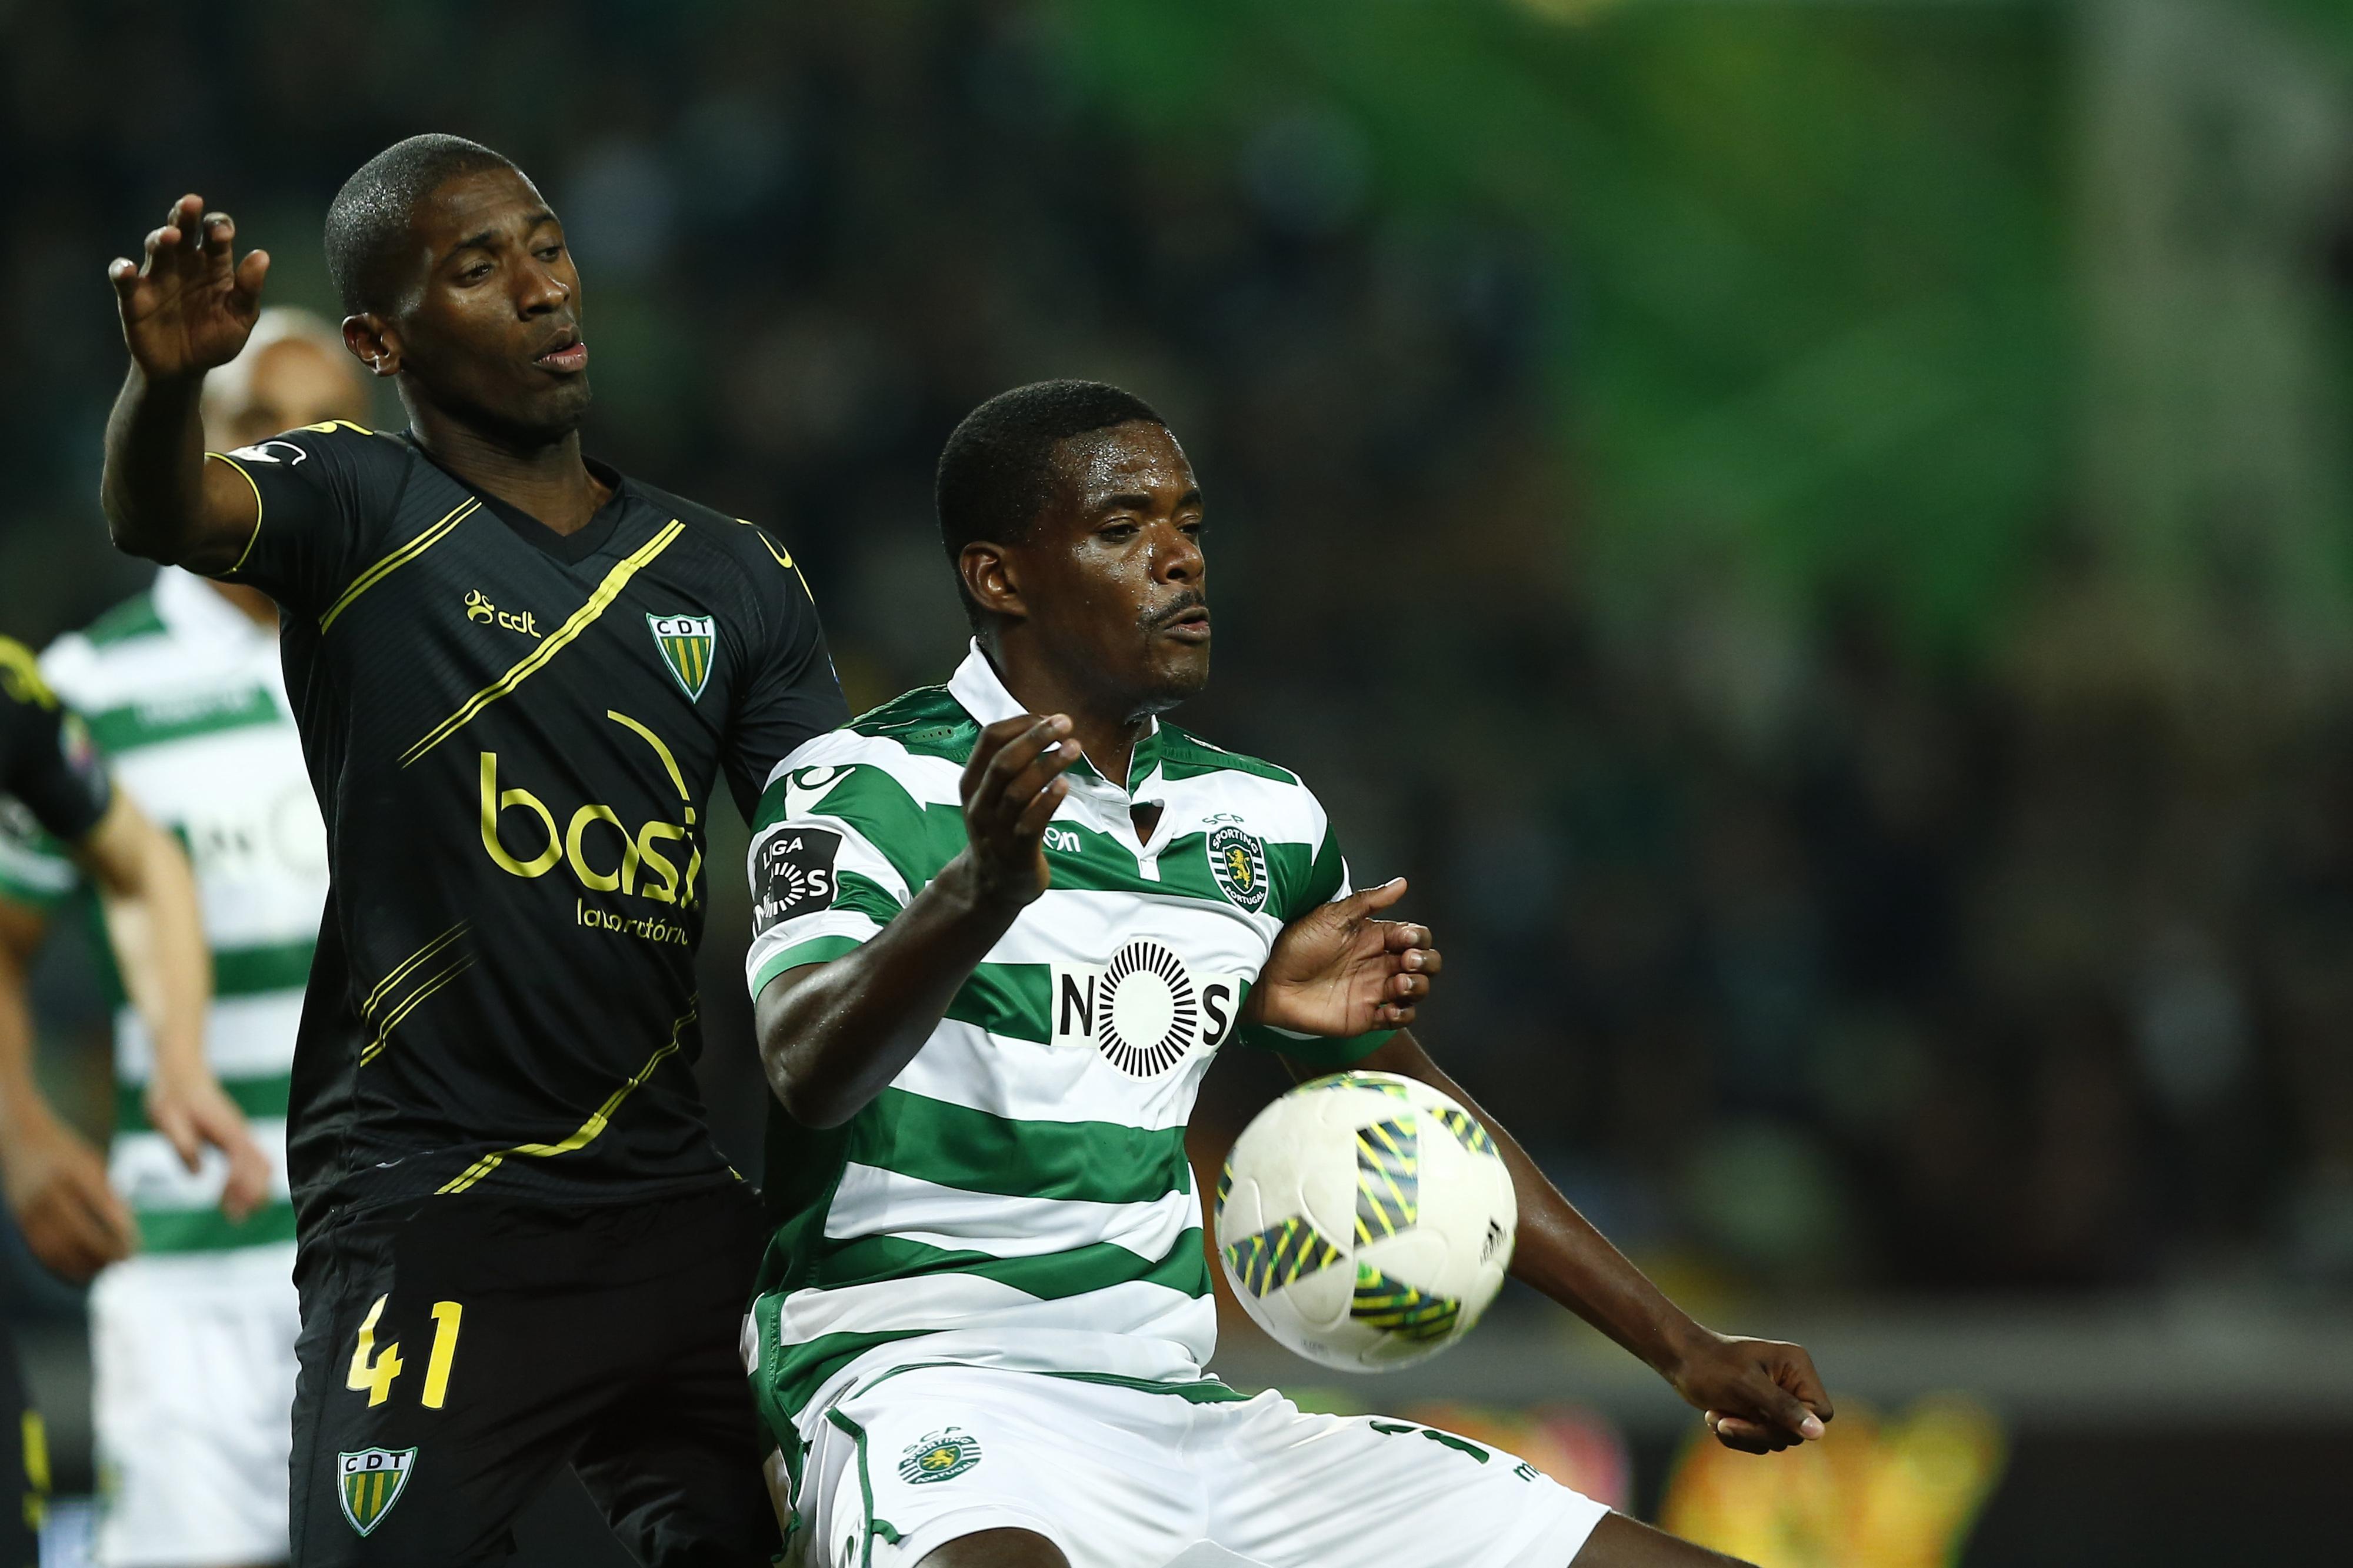 Sporting prorroga contrato com William Carvalho até 2020